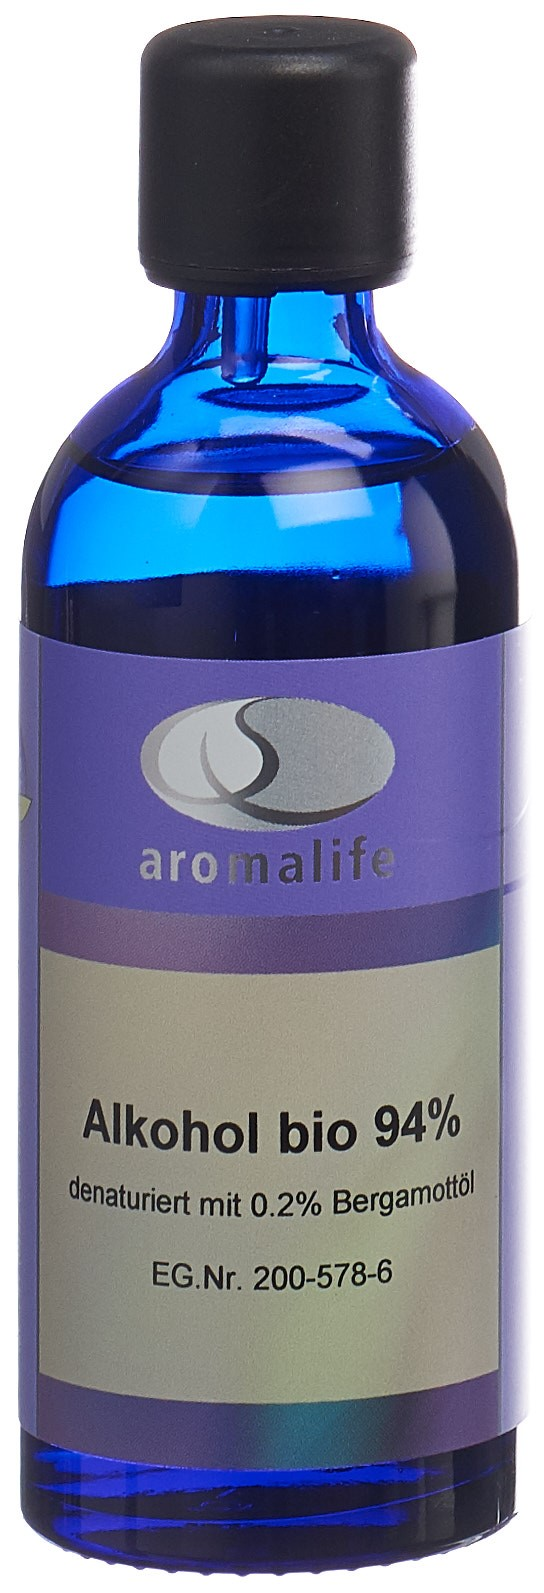 aromalife Alkohol (100 ml)